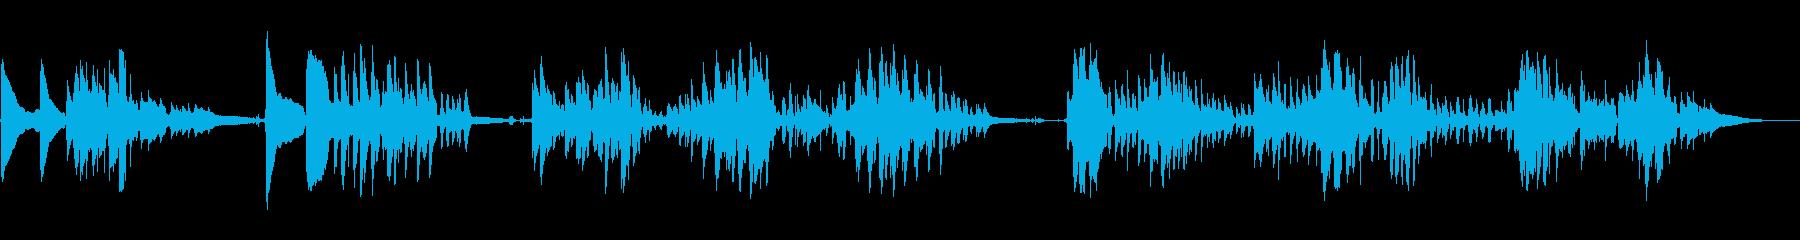 マンドリン:ラストポスト、ラピッド...の再生済みの波形